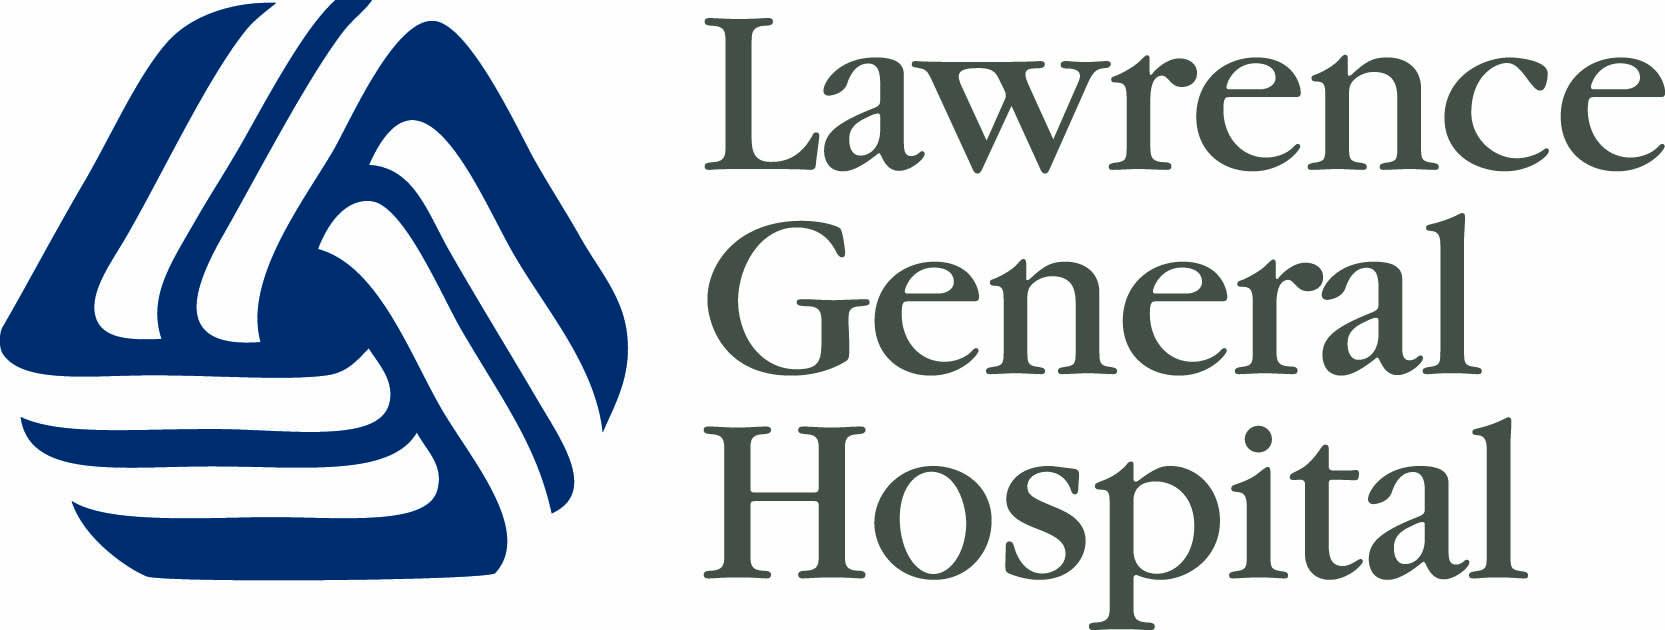 Lawrence General Hospital, a Preferred Partner of Regis.